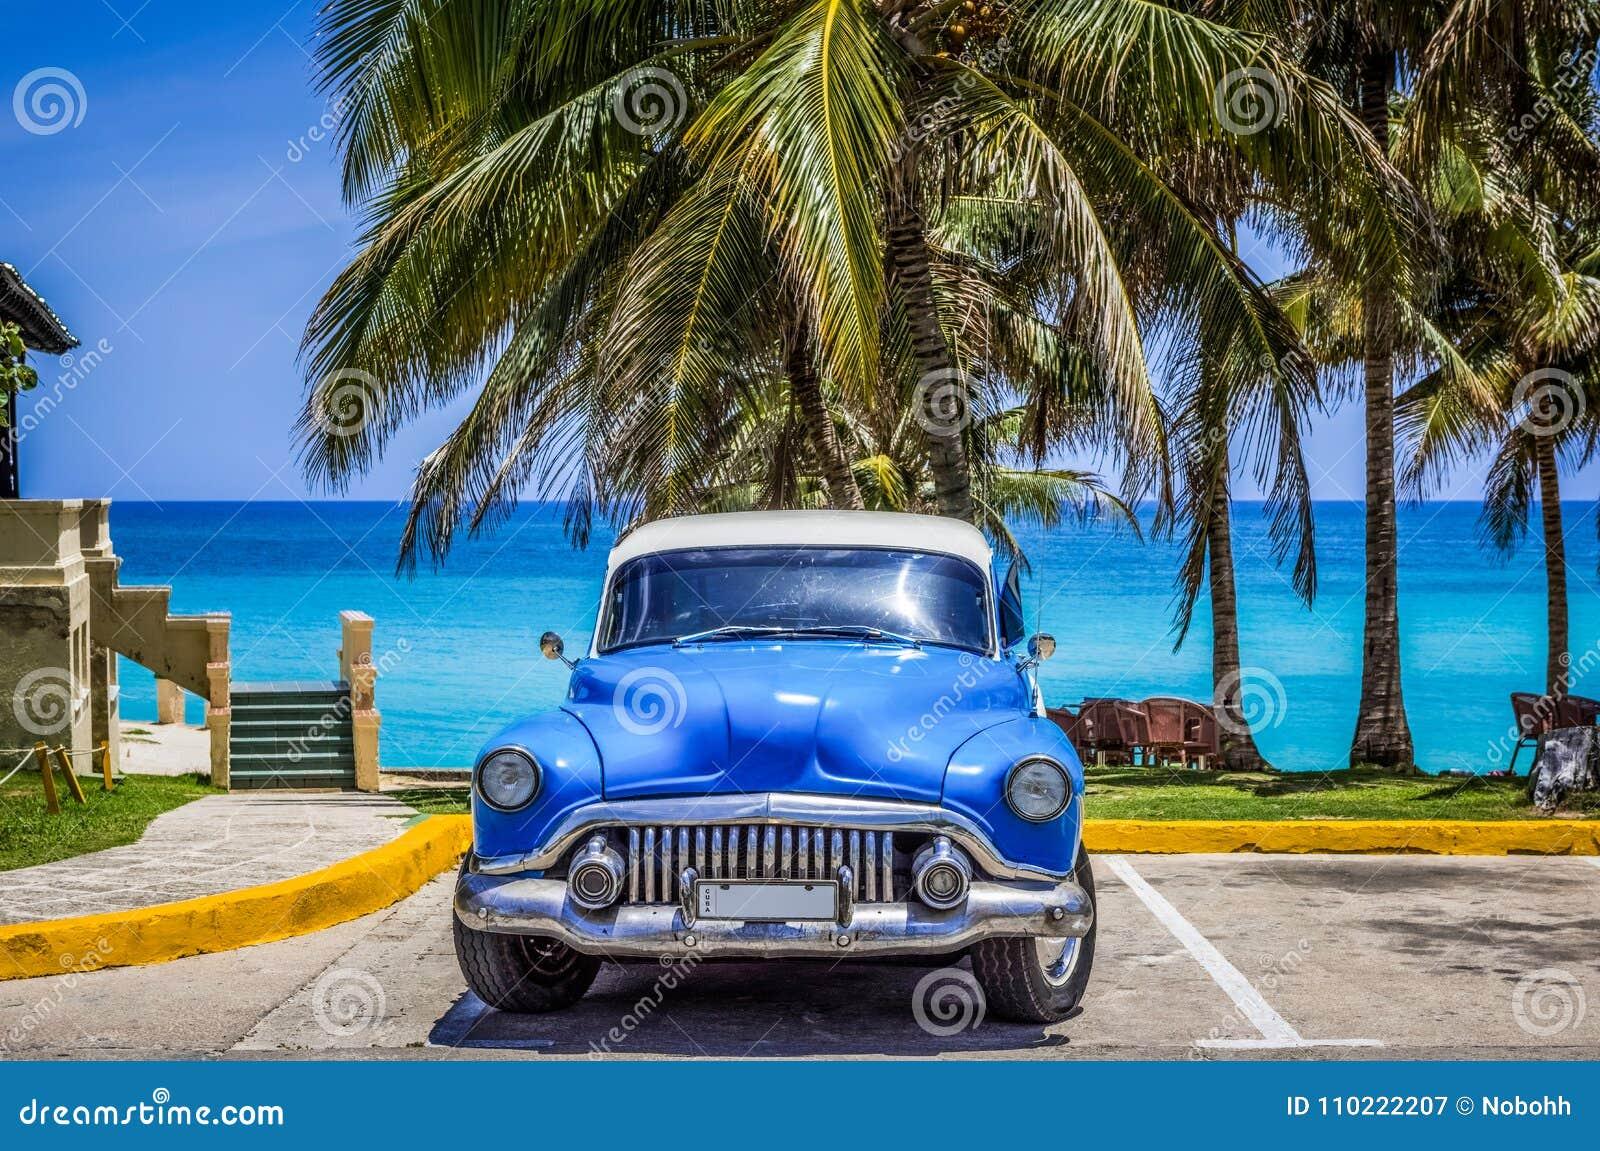 HDR - Amerykański błękitny klasyczny samochód parkujący pod palmami na plaży w Varadero Kuba, Seria Kuba reportażu -